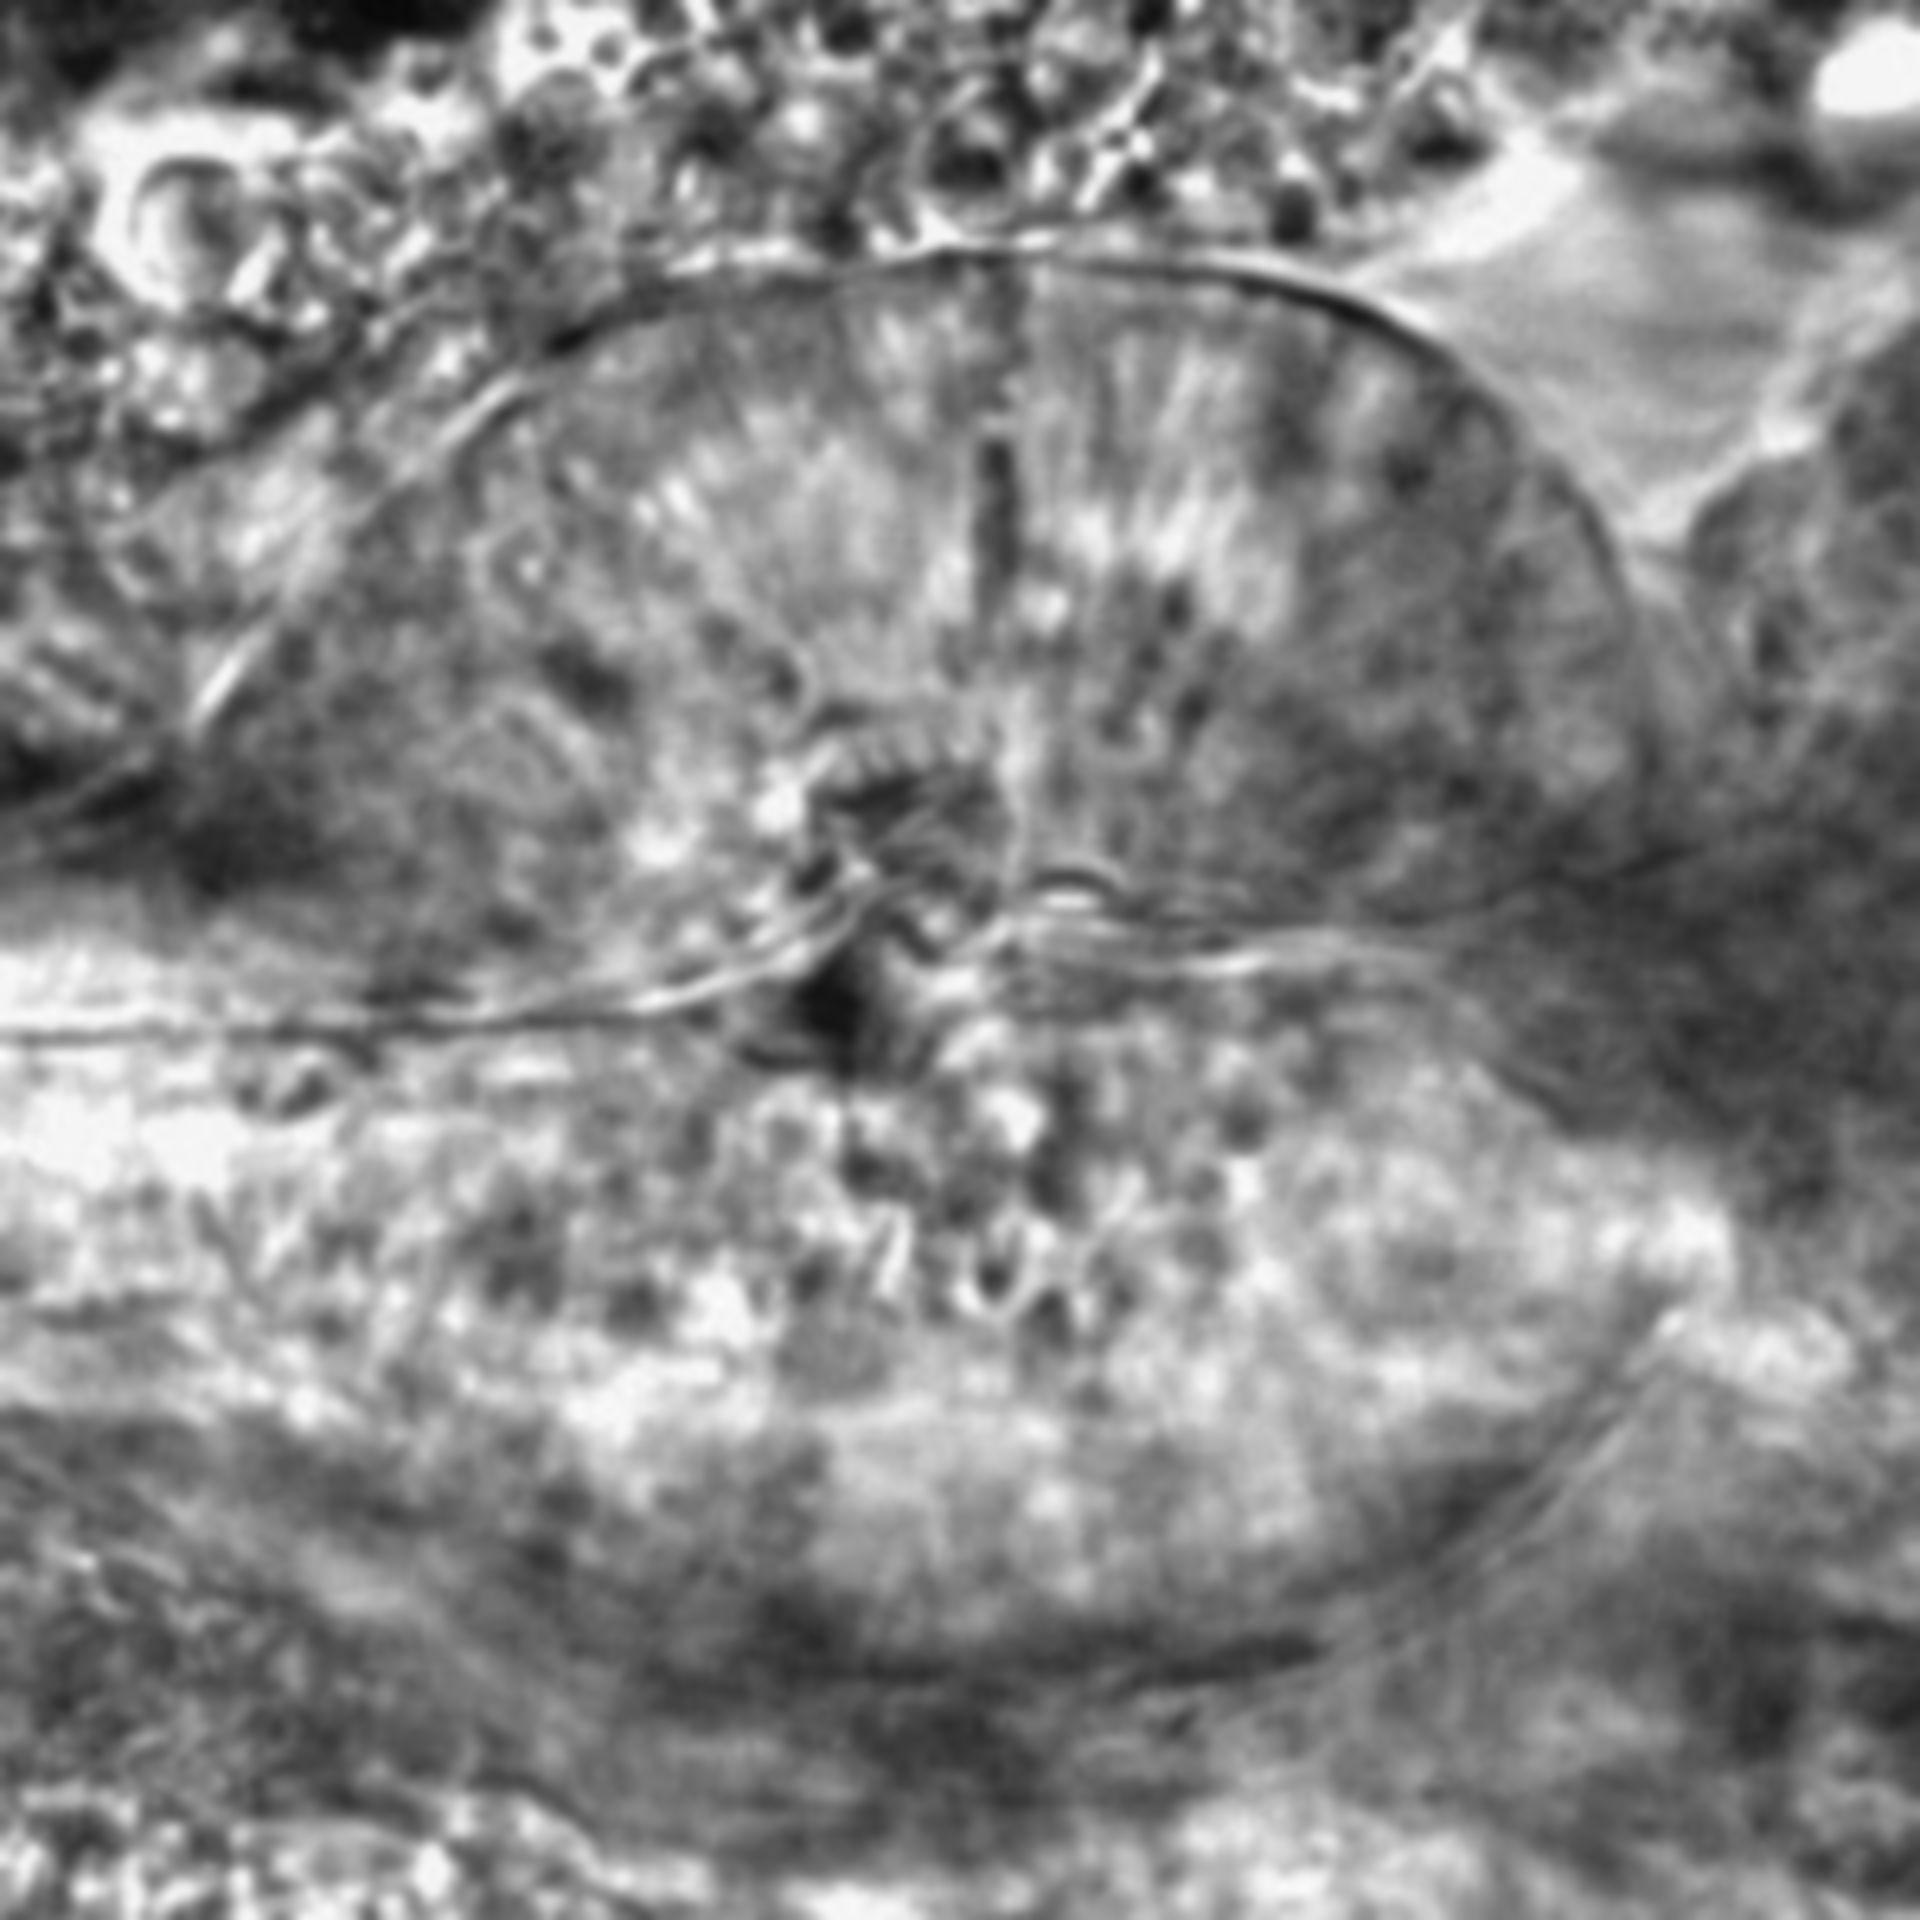 Caenorhabditis elegans - CIL:2305